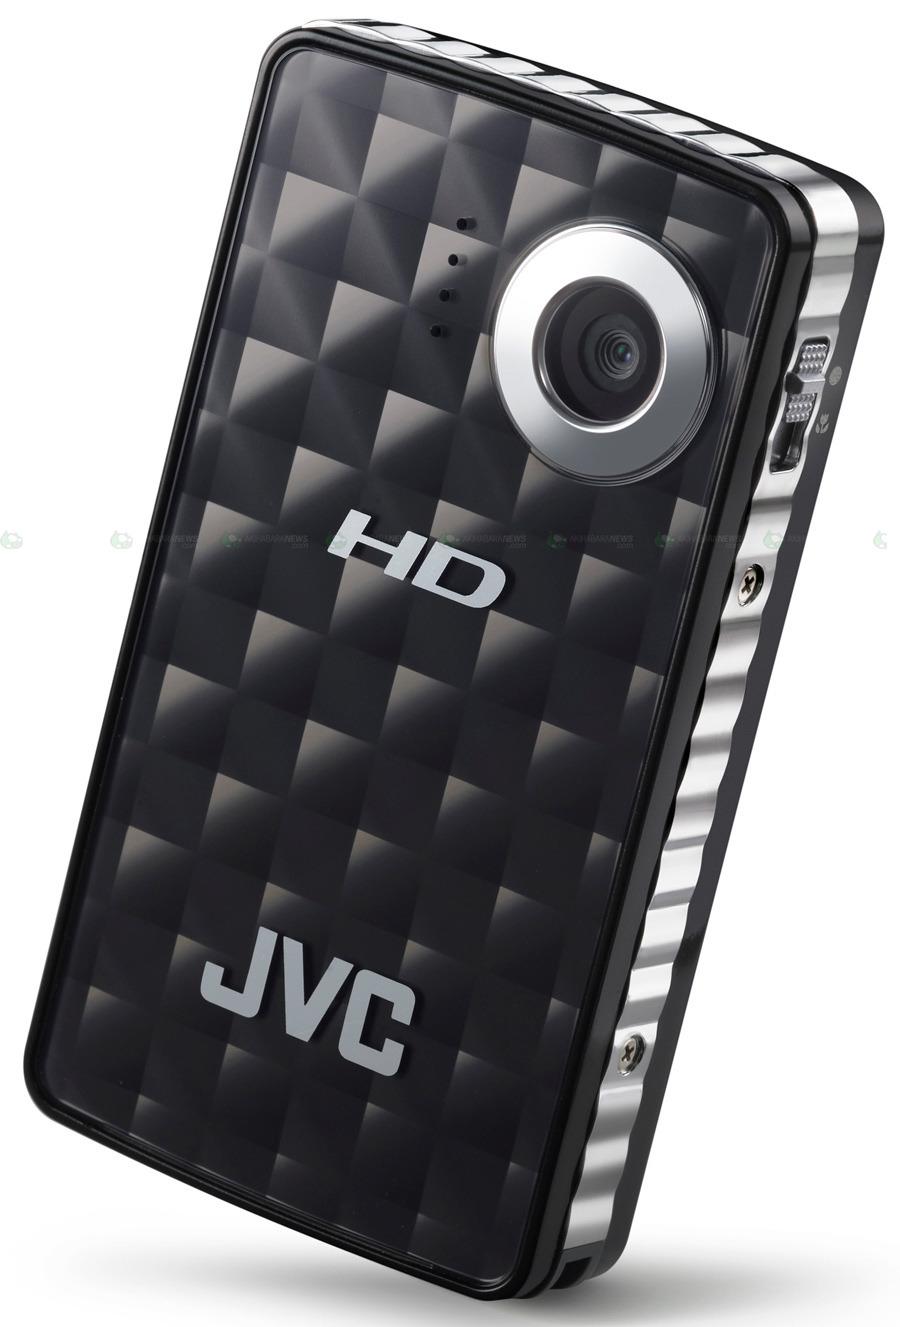 JVC Picsio GC-FM1 compact video camera